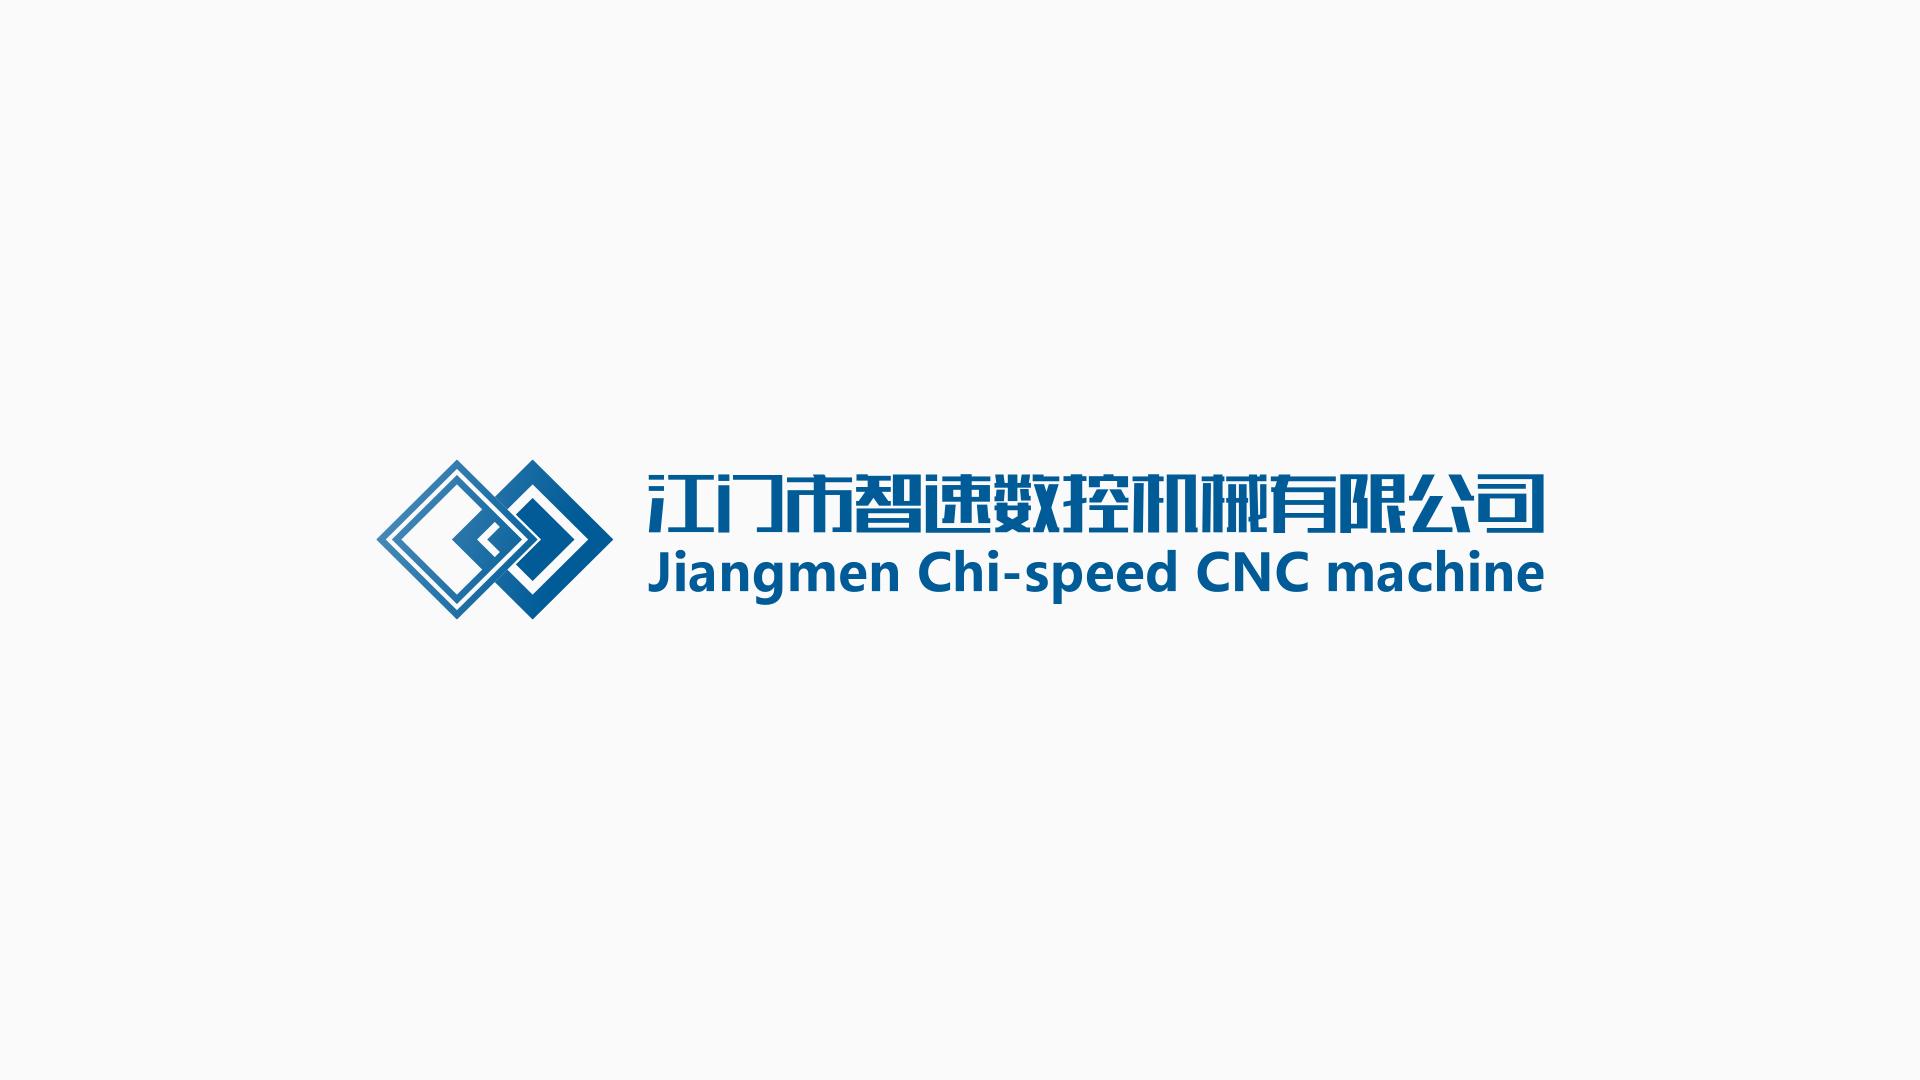 江门市智速数控机械有限公司-01.jpg